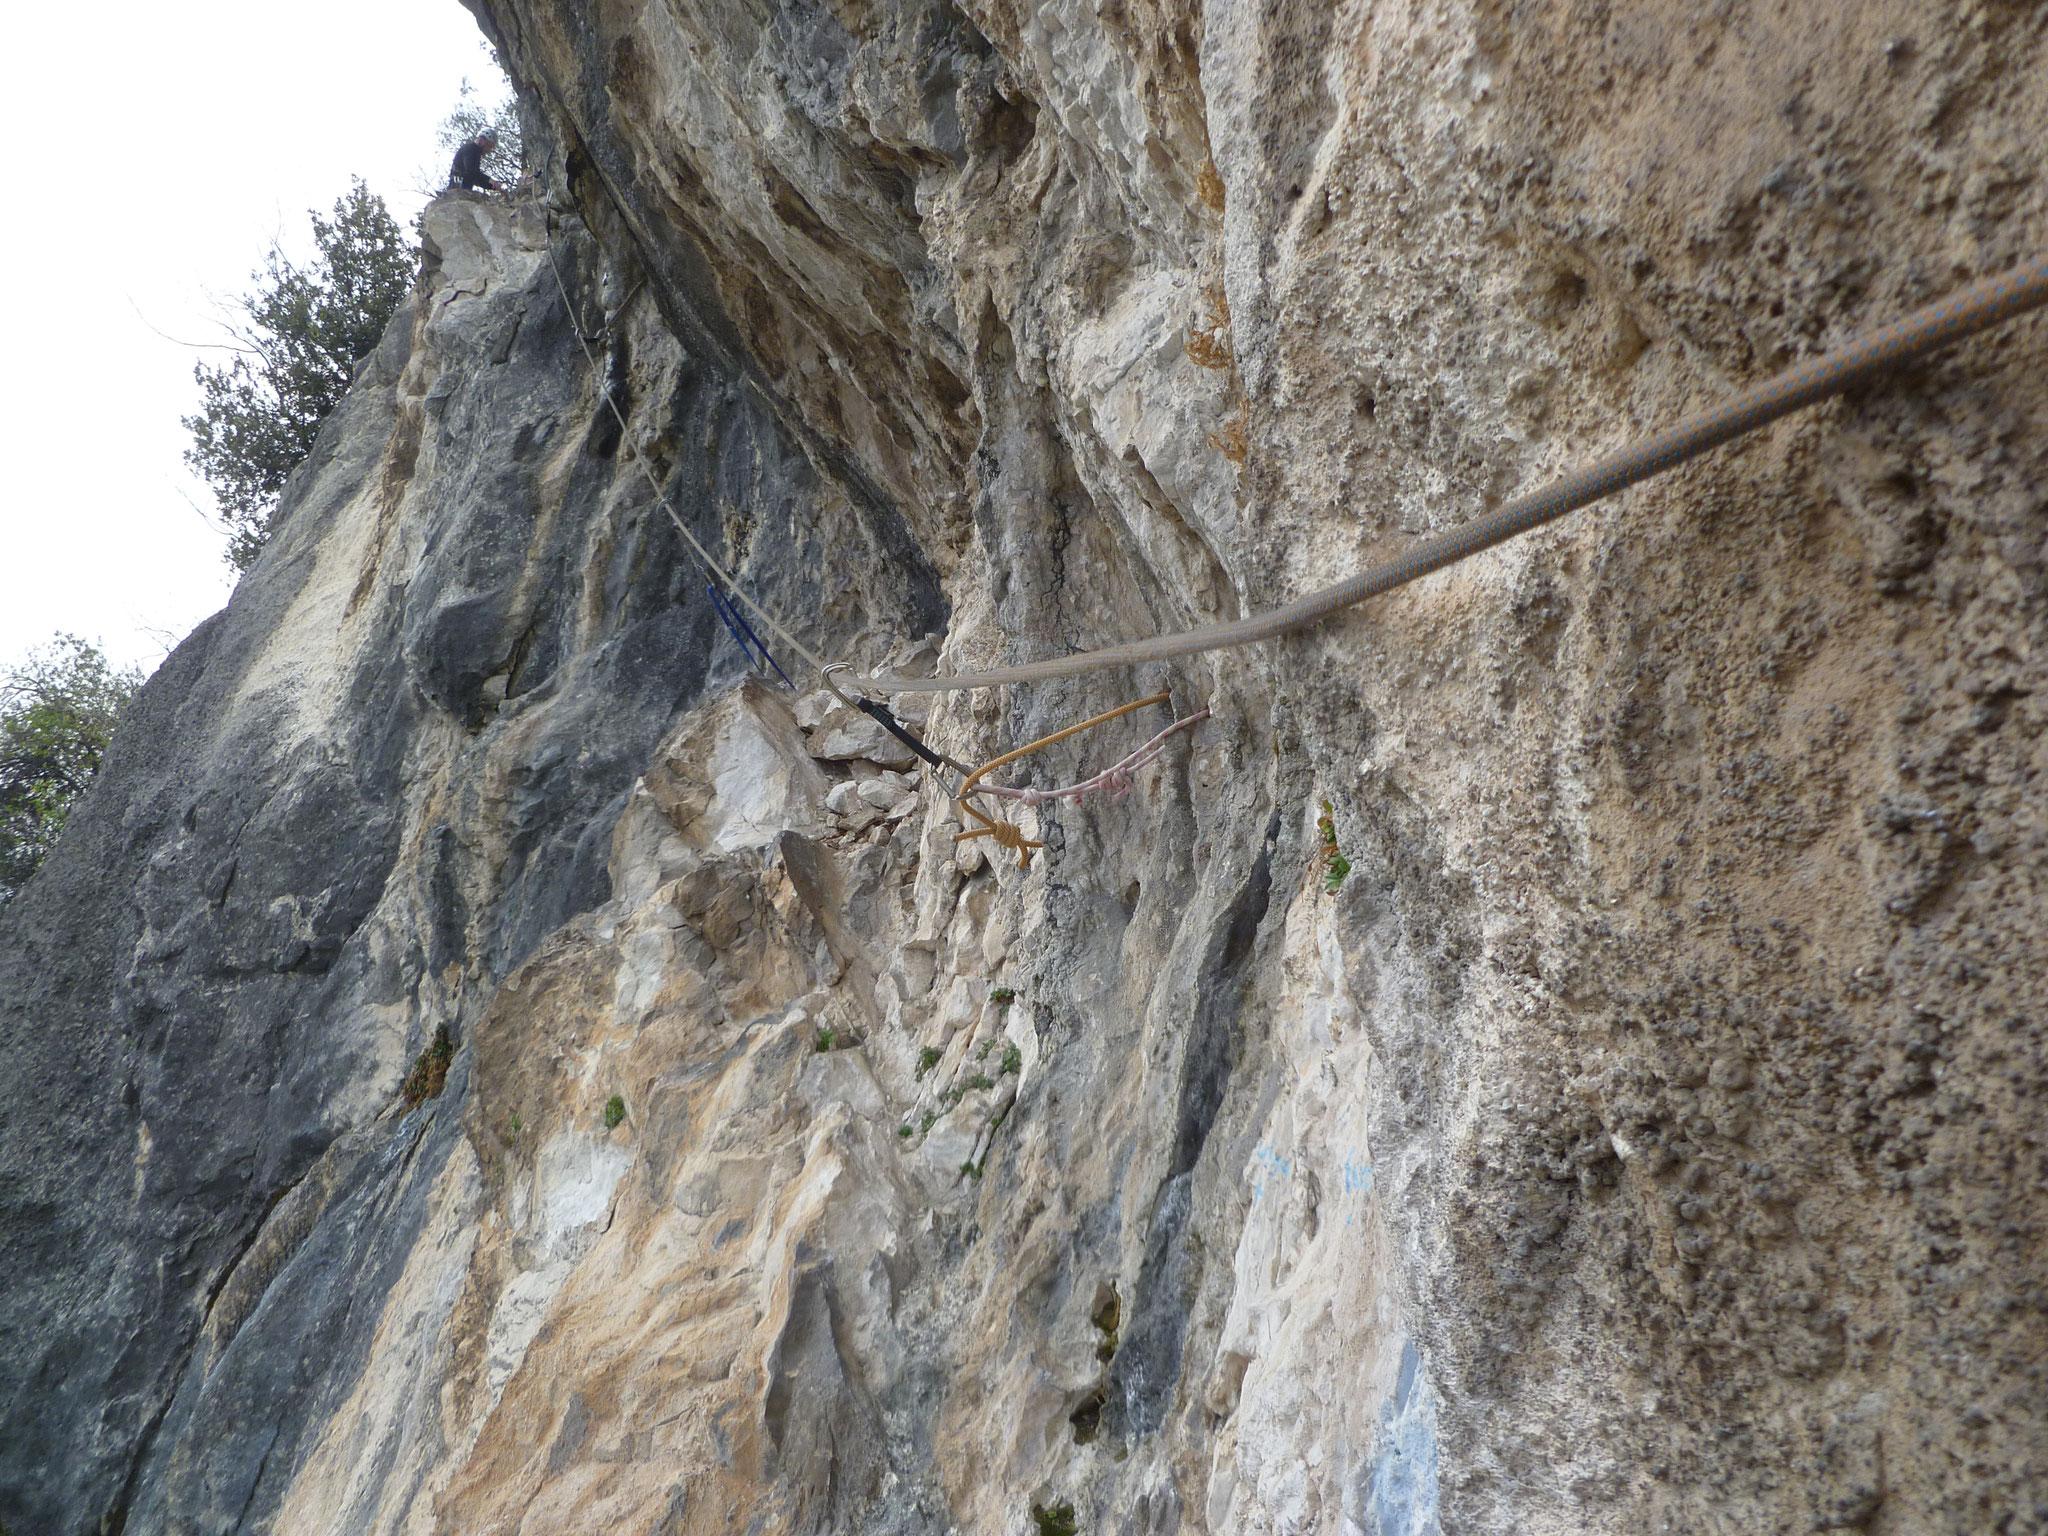 Die Rampe in der 5. Länge: nur kurz etwas schwerer, allerdings mit nicht ganz stabilen Blöcken garniert